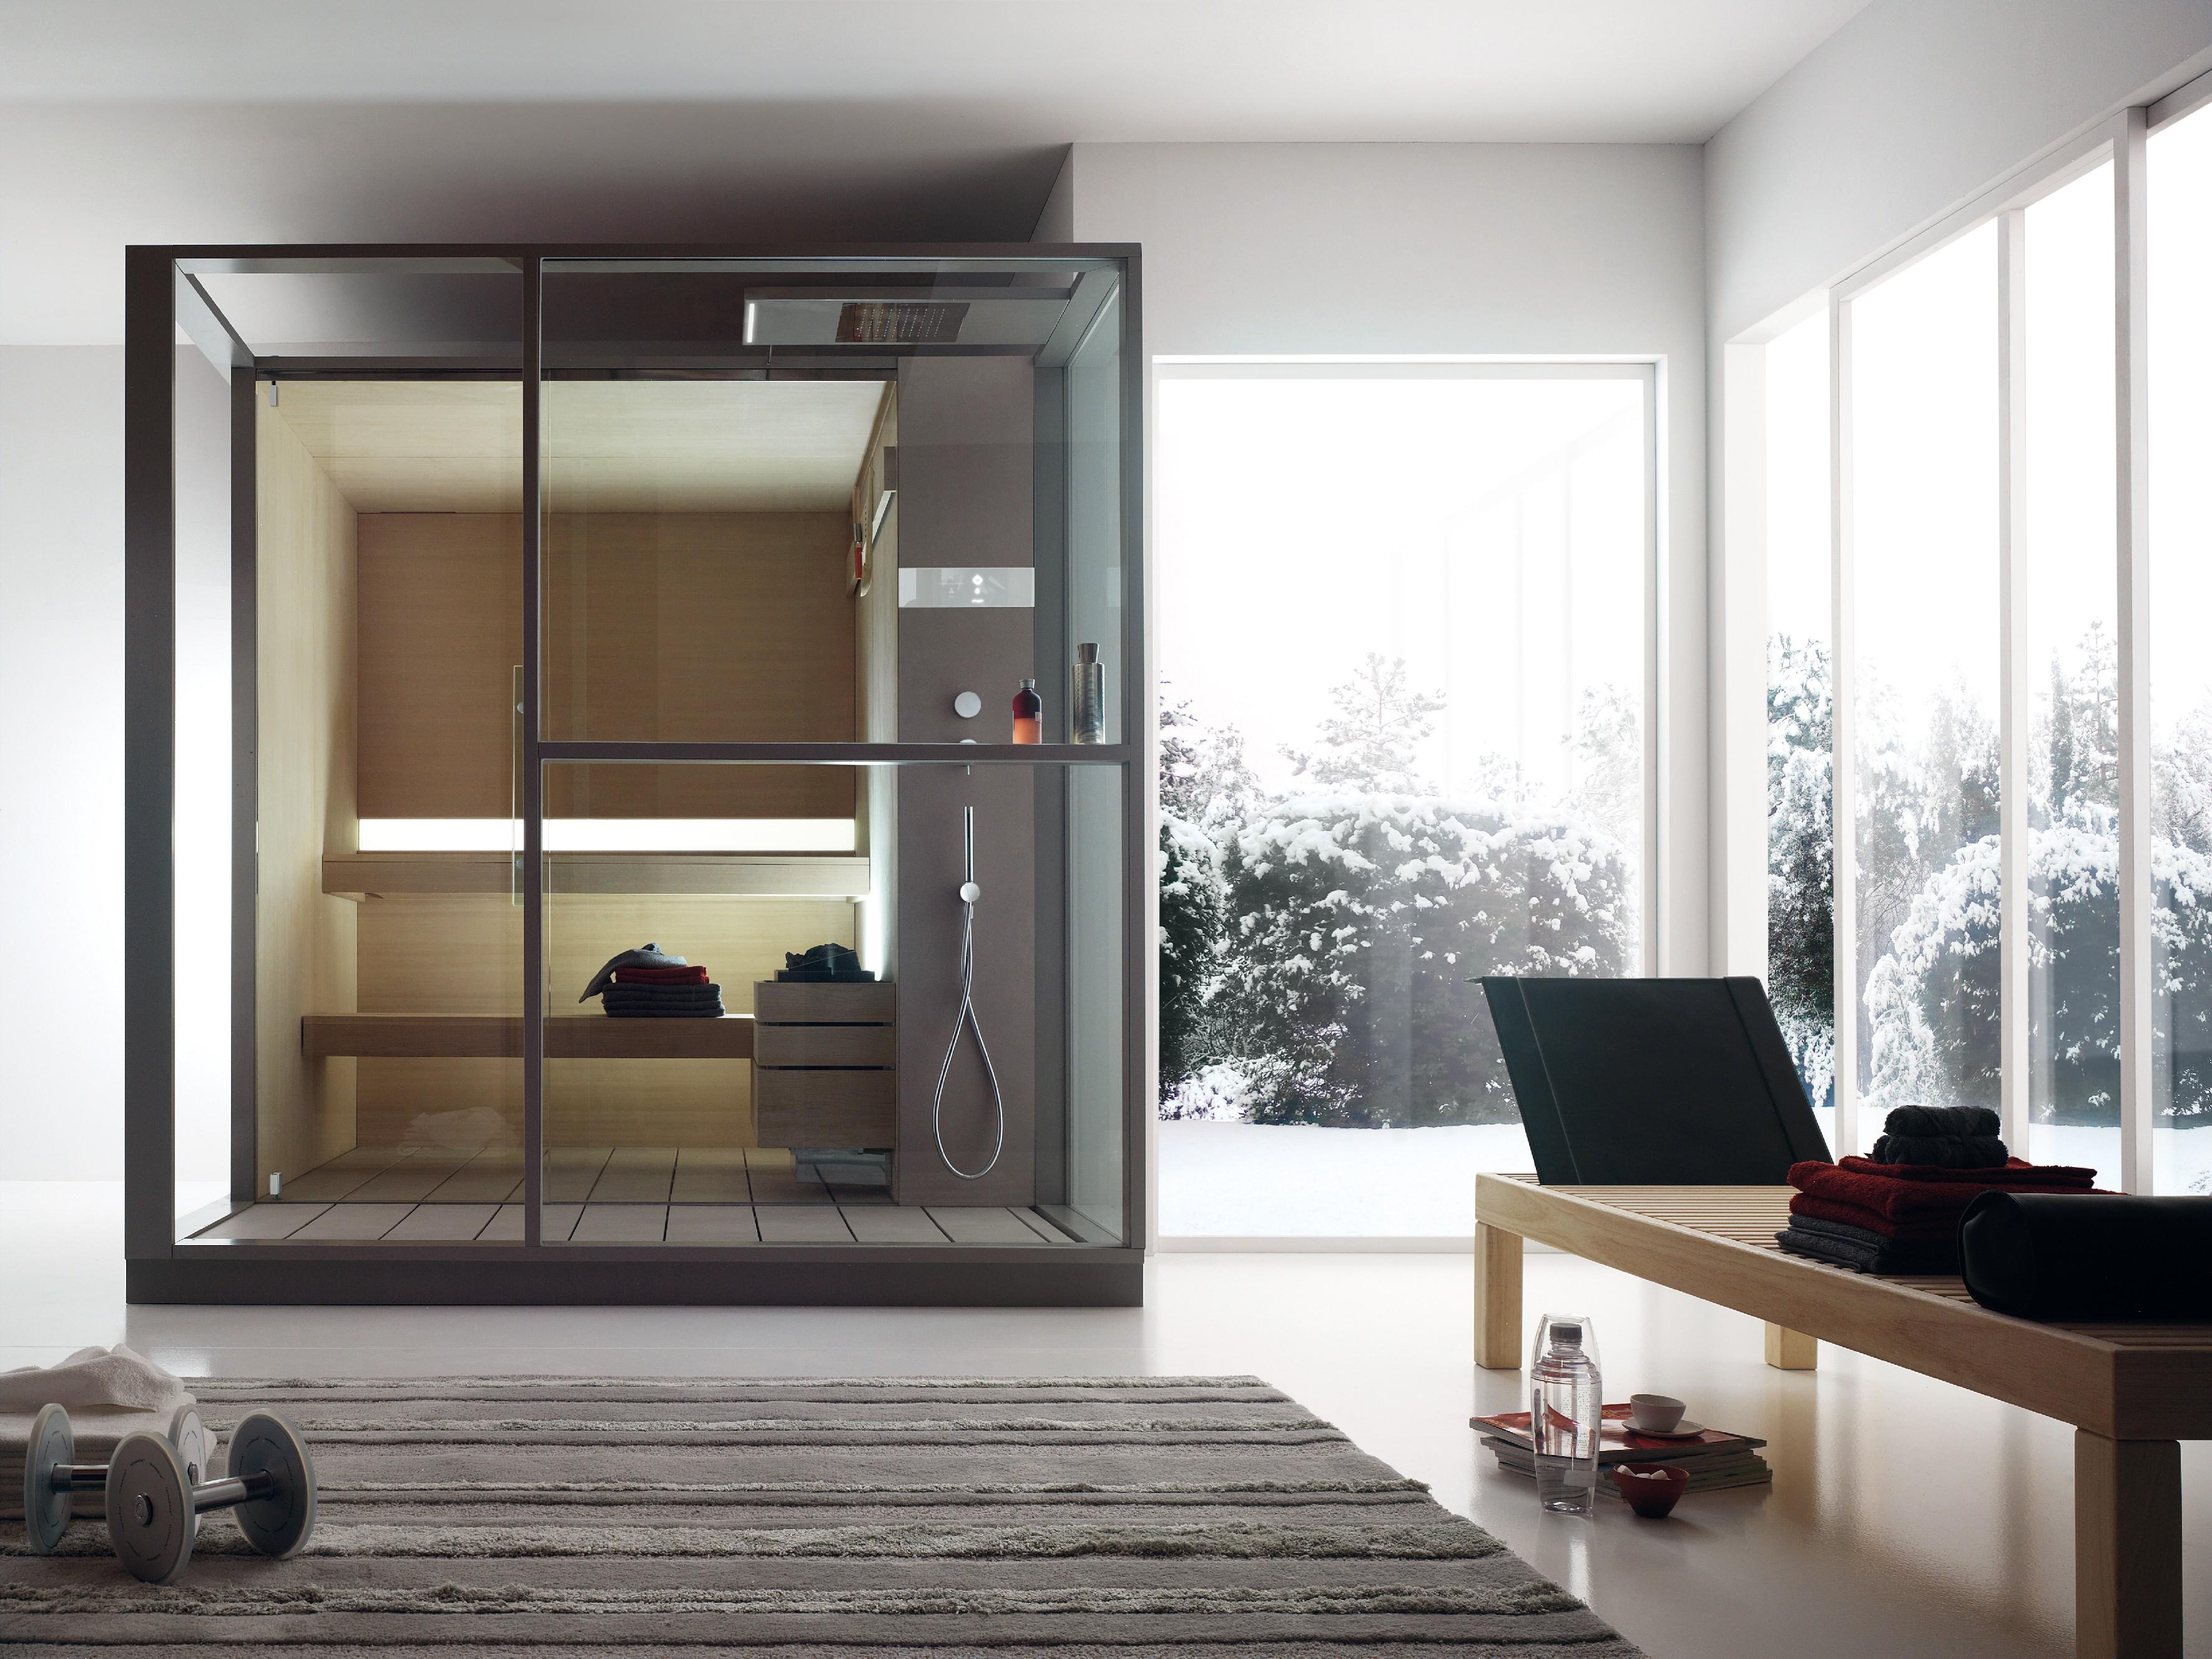 Sauna In Casa Consumi rigenerarsi in casa tra sauna, hammam e idromassaggio - casa